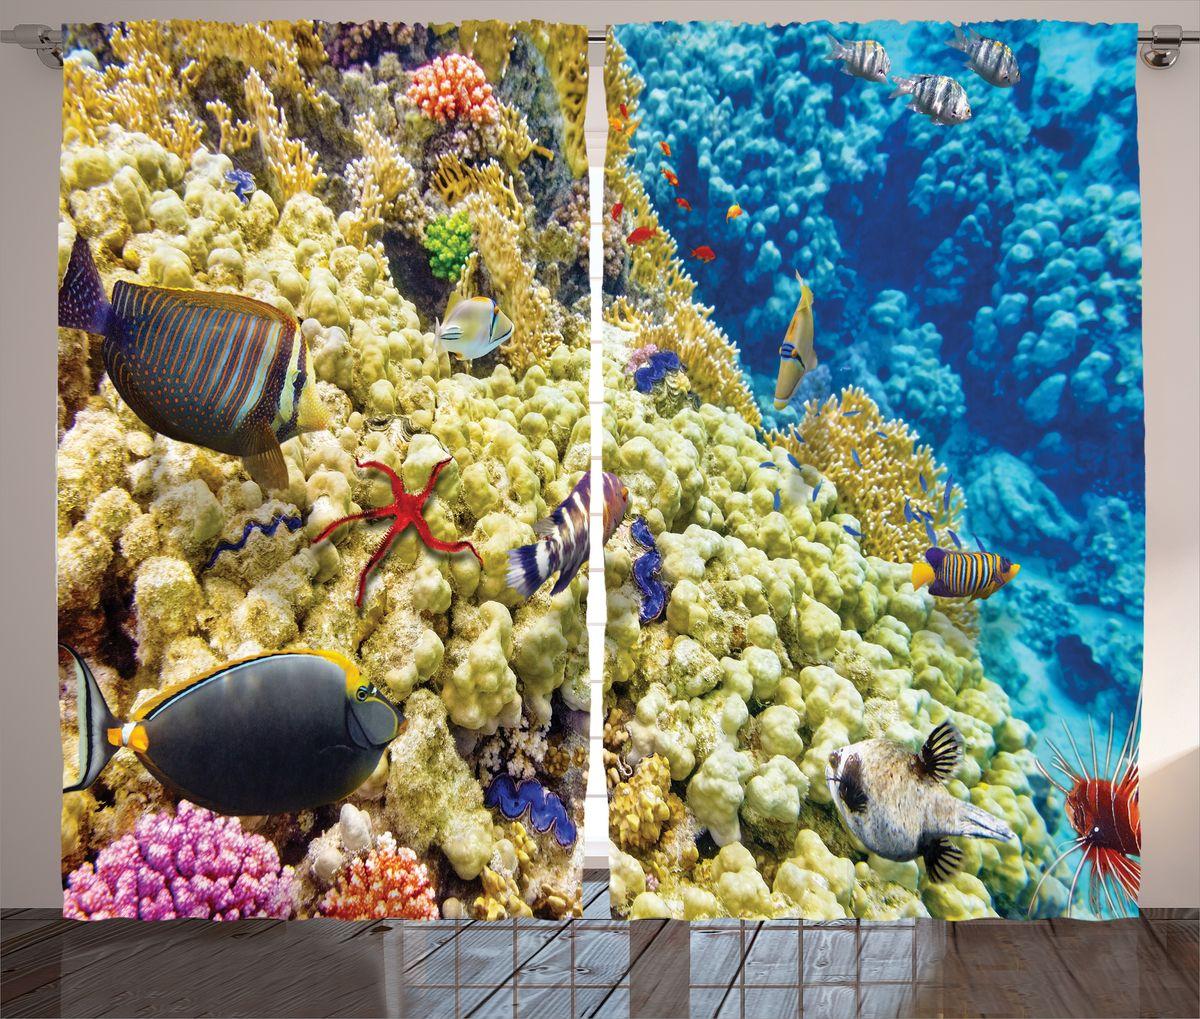 Комплект фотоштор Magic Lady Рыбы и кораллы, на ленте, высота 265 см. шсг_14606790009Компания Сэмболь изготавливает шторы из высококачественного сатена (полиэстер 100%). При изготовлении используются специальные гипоаллергенные чернила для прямой печати по ткани, безопасные для человека и животных. Экологичность продукции Magic lady и безопасность для окружающей среды подтверждены сертификатом Oeko-Tex Standard 100. Крепление: крючки для крепления на шторной ленте (50 шт). Возможно крепление на трубу. Внимание! При нанесении сублимационной печати на ткань технологическим методом при температуре 240°С, возможно отклонение полученных размеров (указанных на этикетке и сайте) от стандартных на + - 3-5 см. Производитель старается максимально точно передать цвета изделия на фотографиях, однако искажения неизбежны и фактический цвет изделия может отличаться от воспринимаемого по фото. Обратите внимание! Шторы изготовлены из полиэстра сатенового переплетения, а не из сатина (хлопок). Размер одного полотна шторы: 145х265 см. В комплекте 2 полотна шторы и 50 крючков.